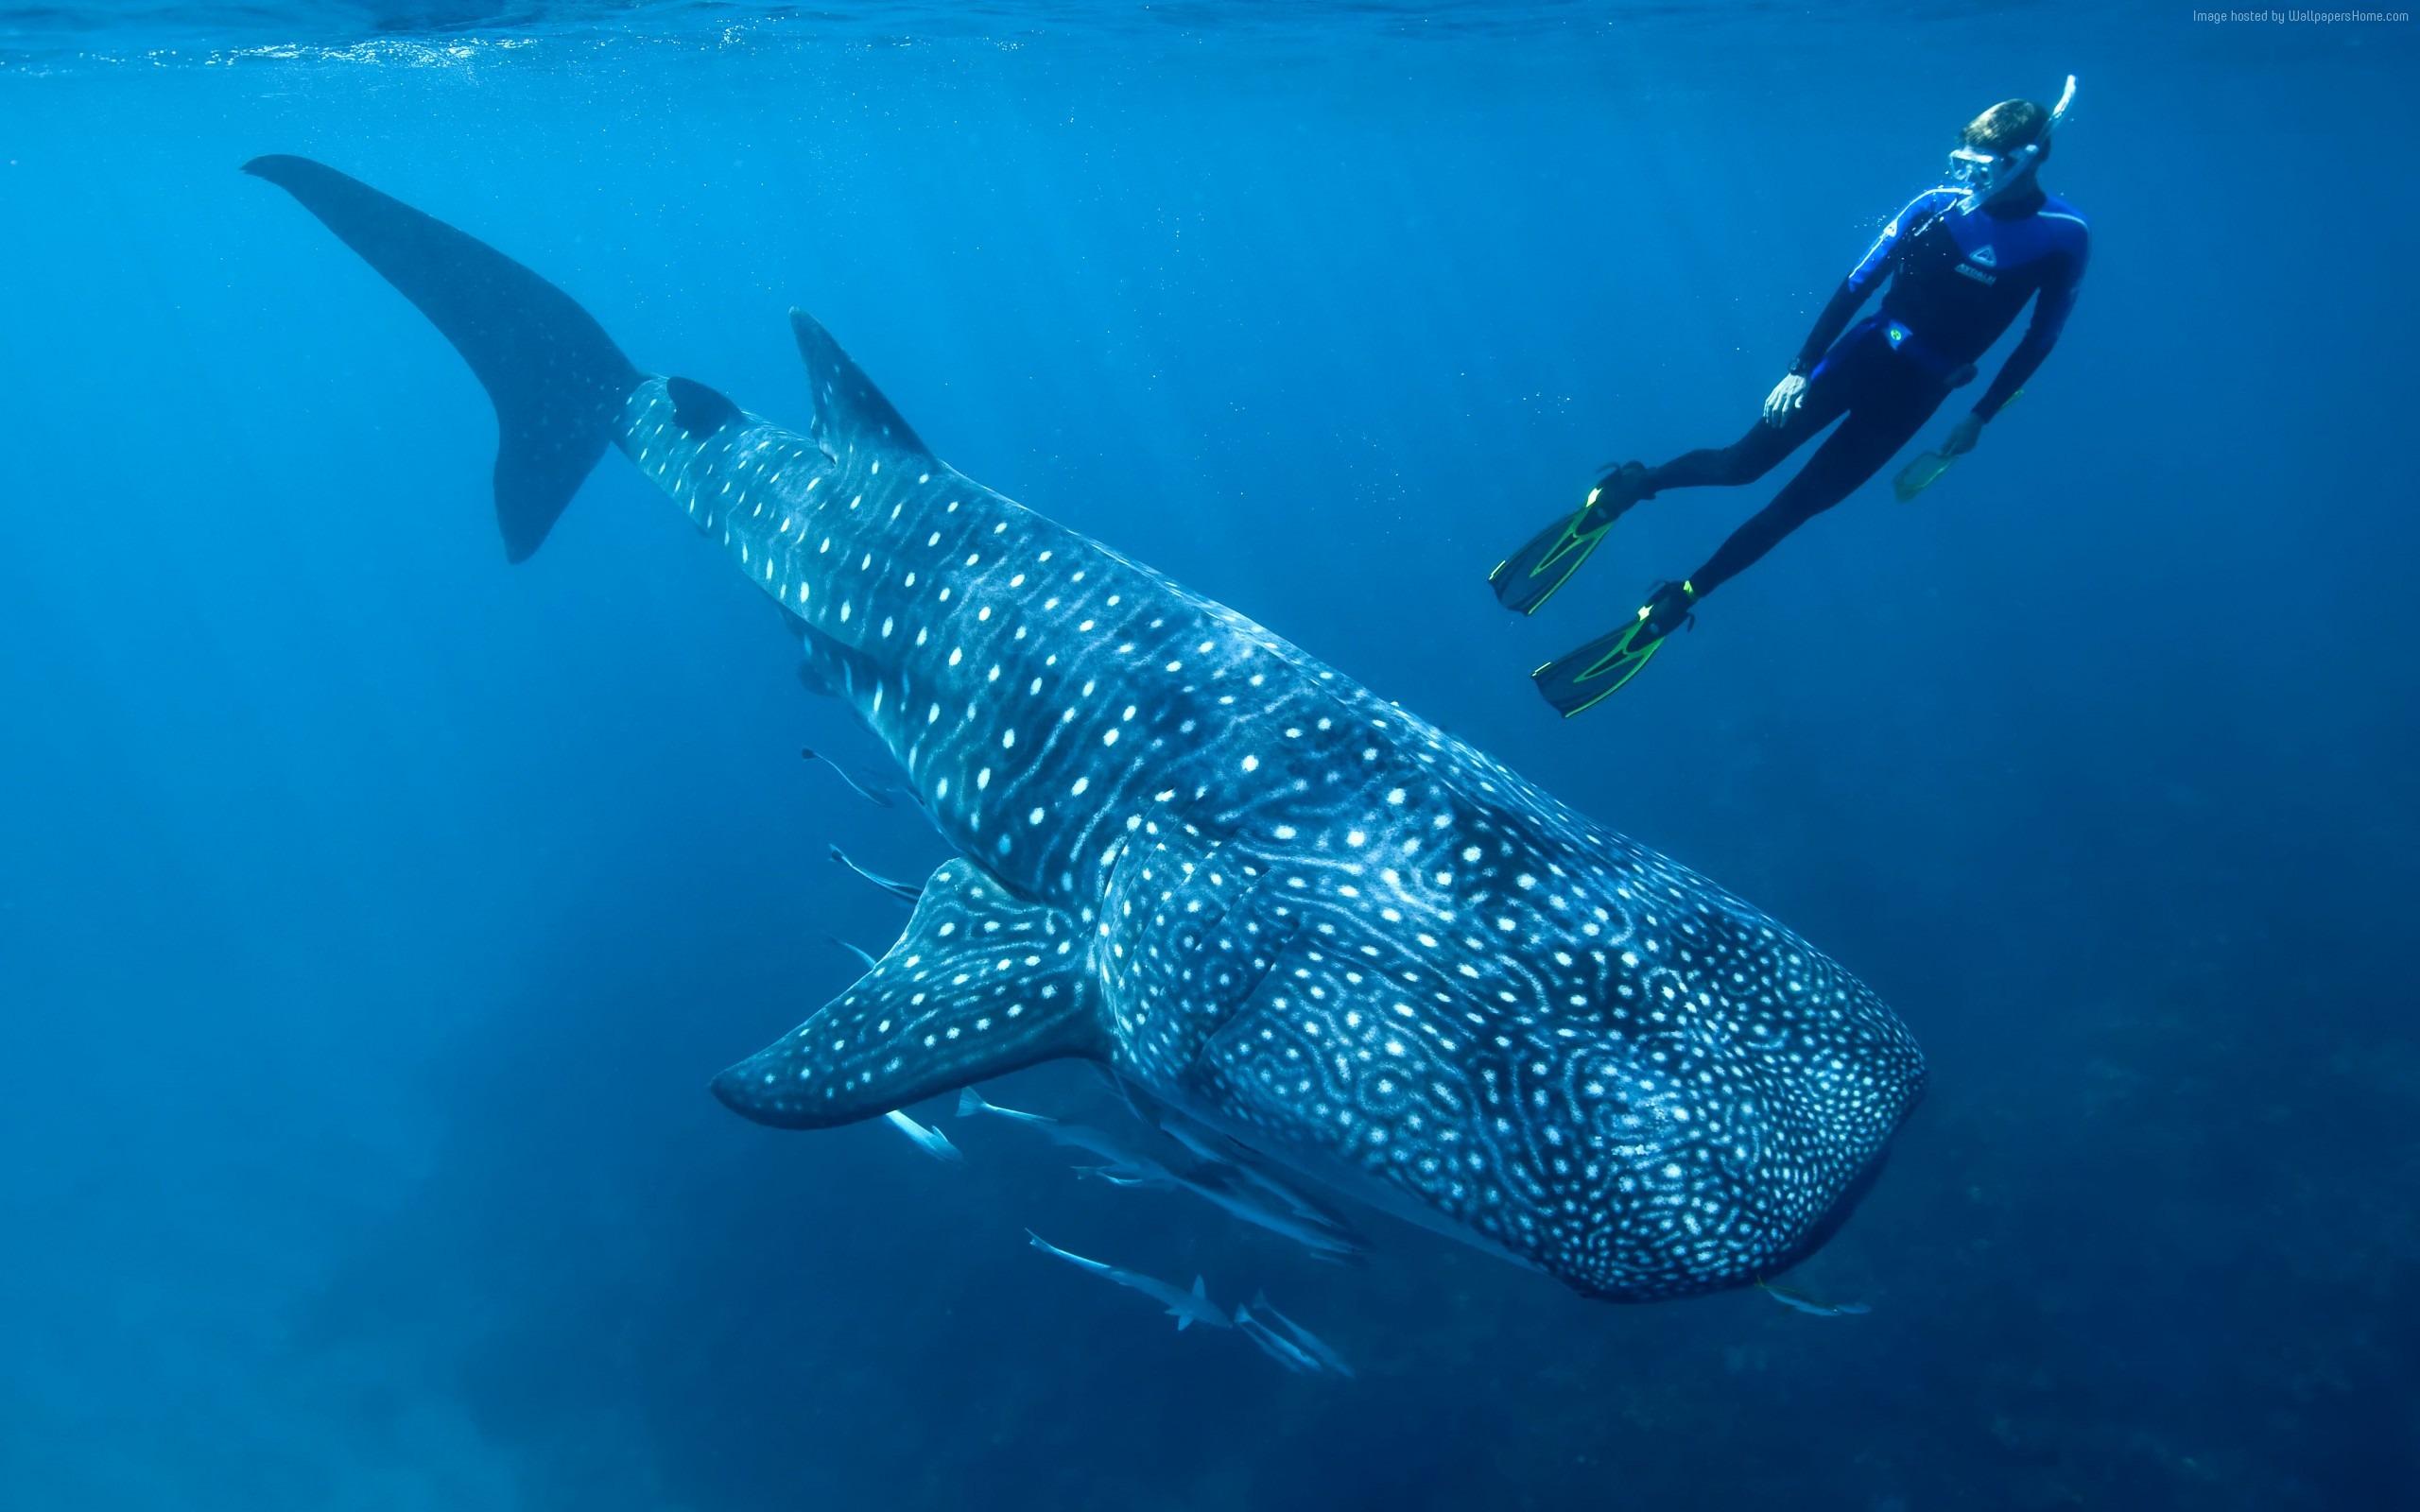 Requin Baleine Palau Indien Pacifique La Vie Marine Hd Fonds